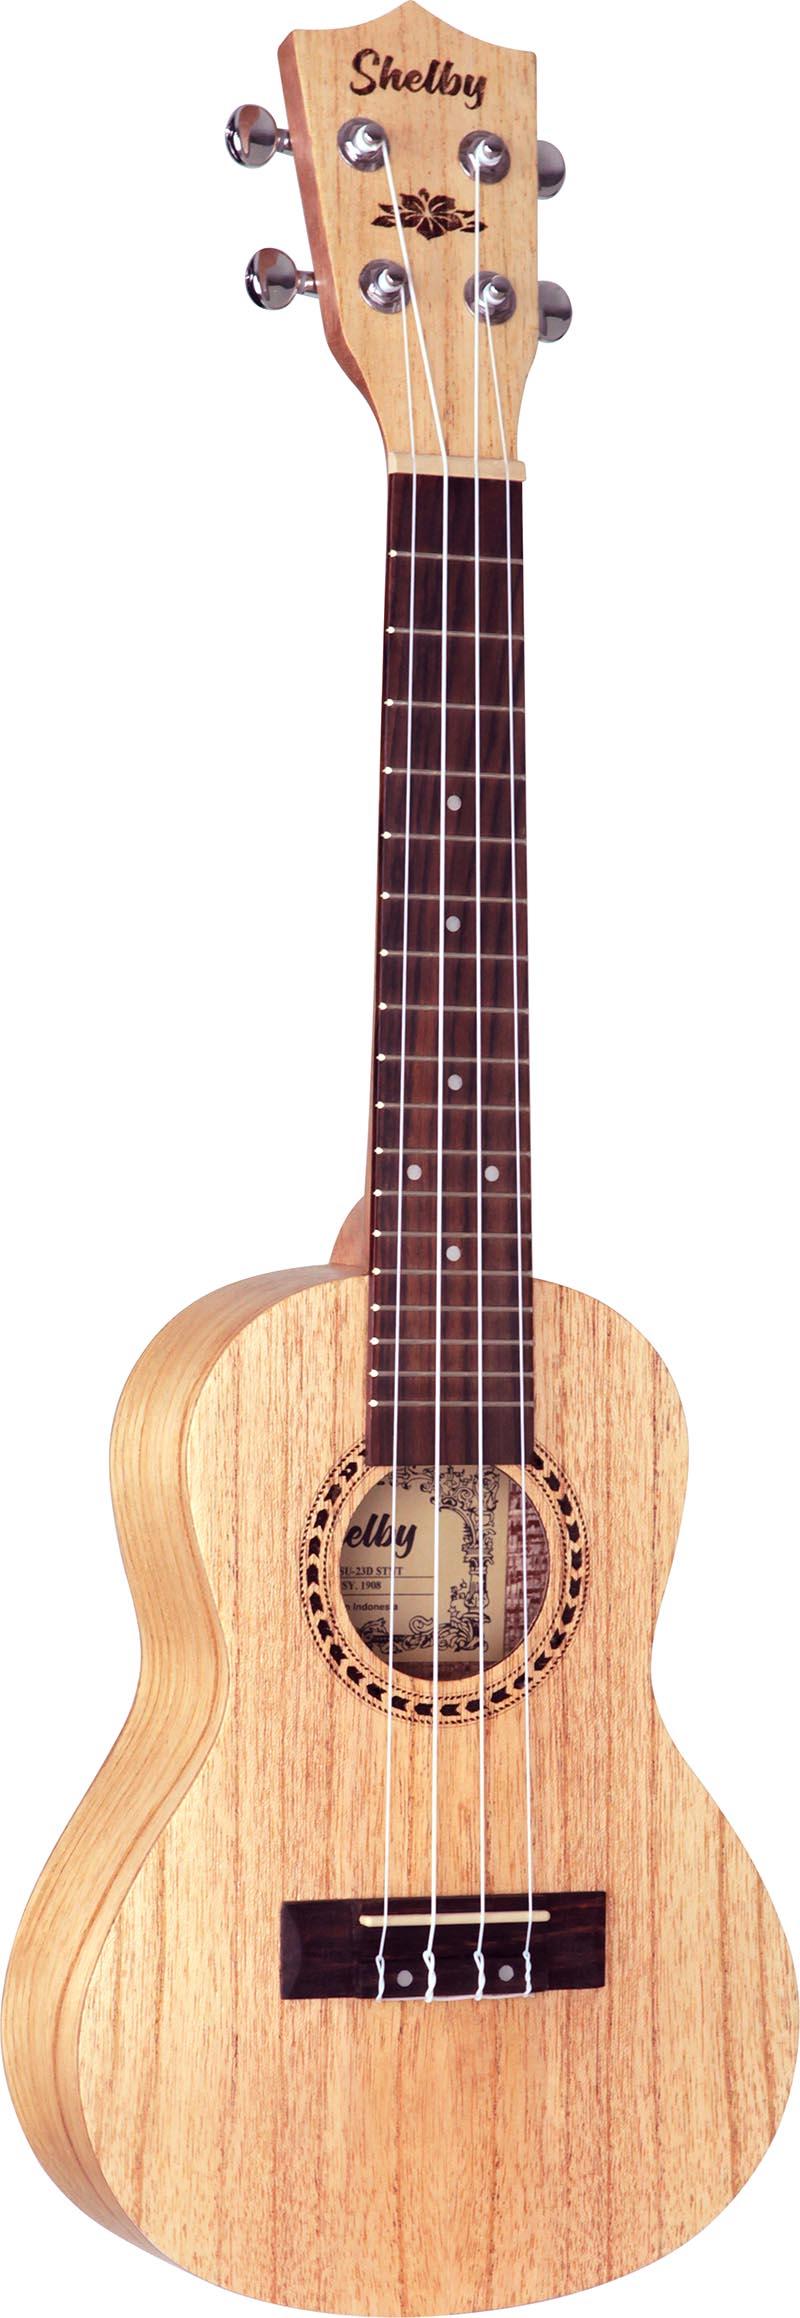 su23d ukulele concerto shelby su23d stnt cedro branco acetinado visao frontal vertical